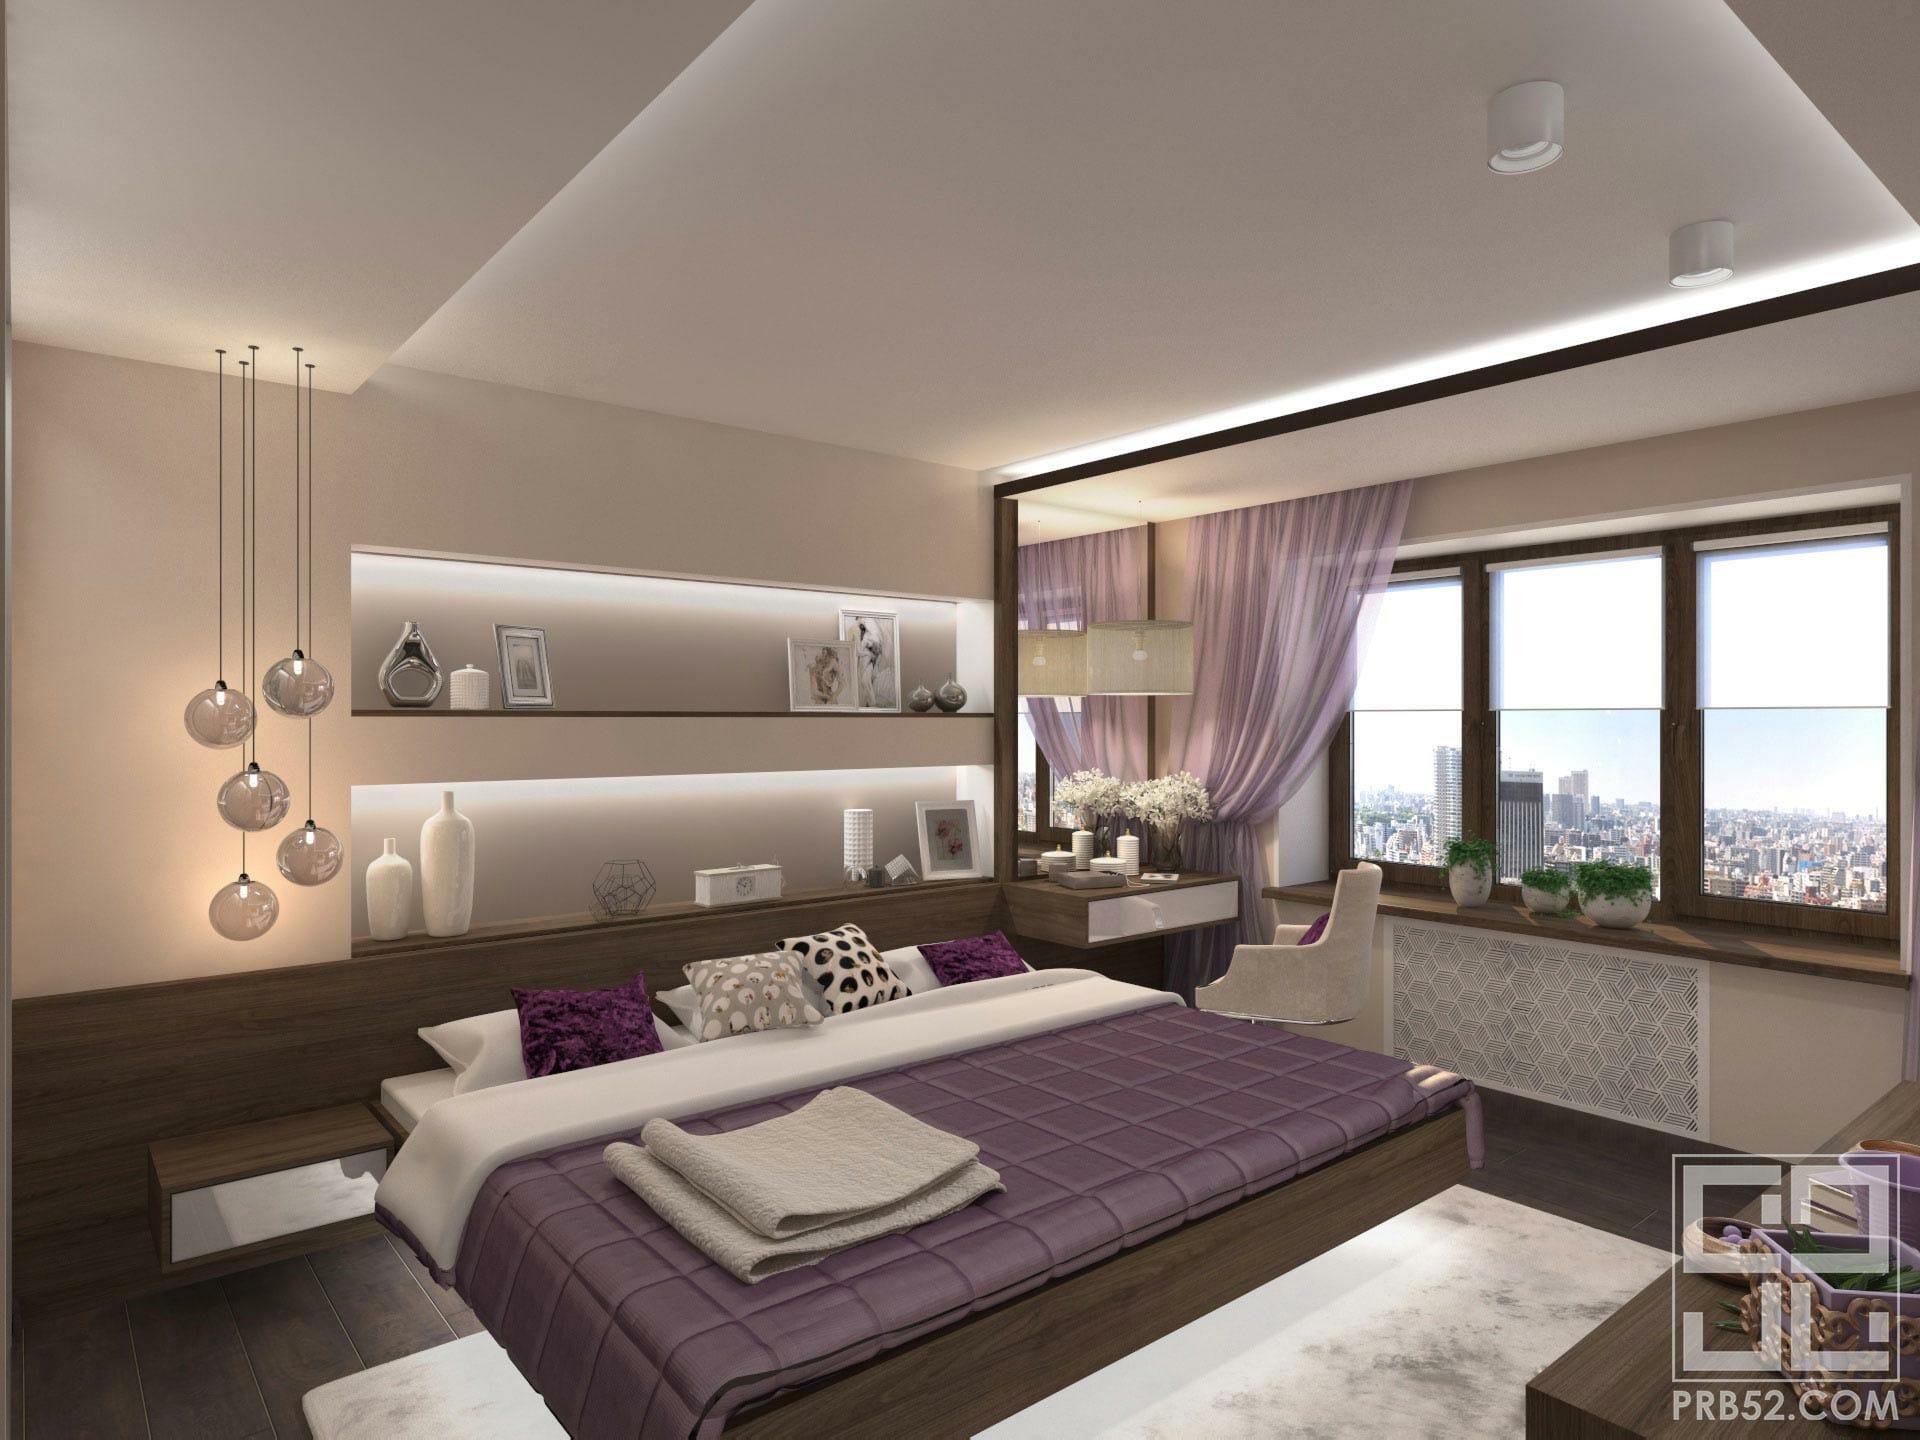 дизайн интерьера спальни с парящей кроватью